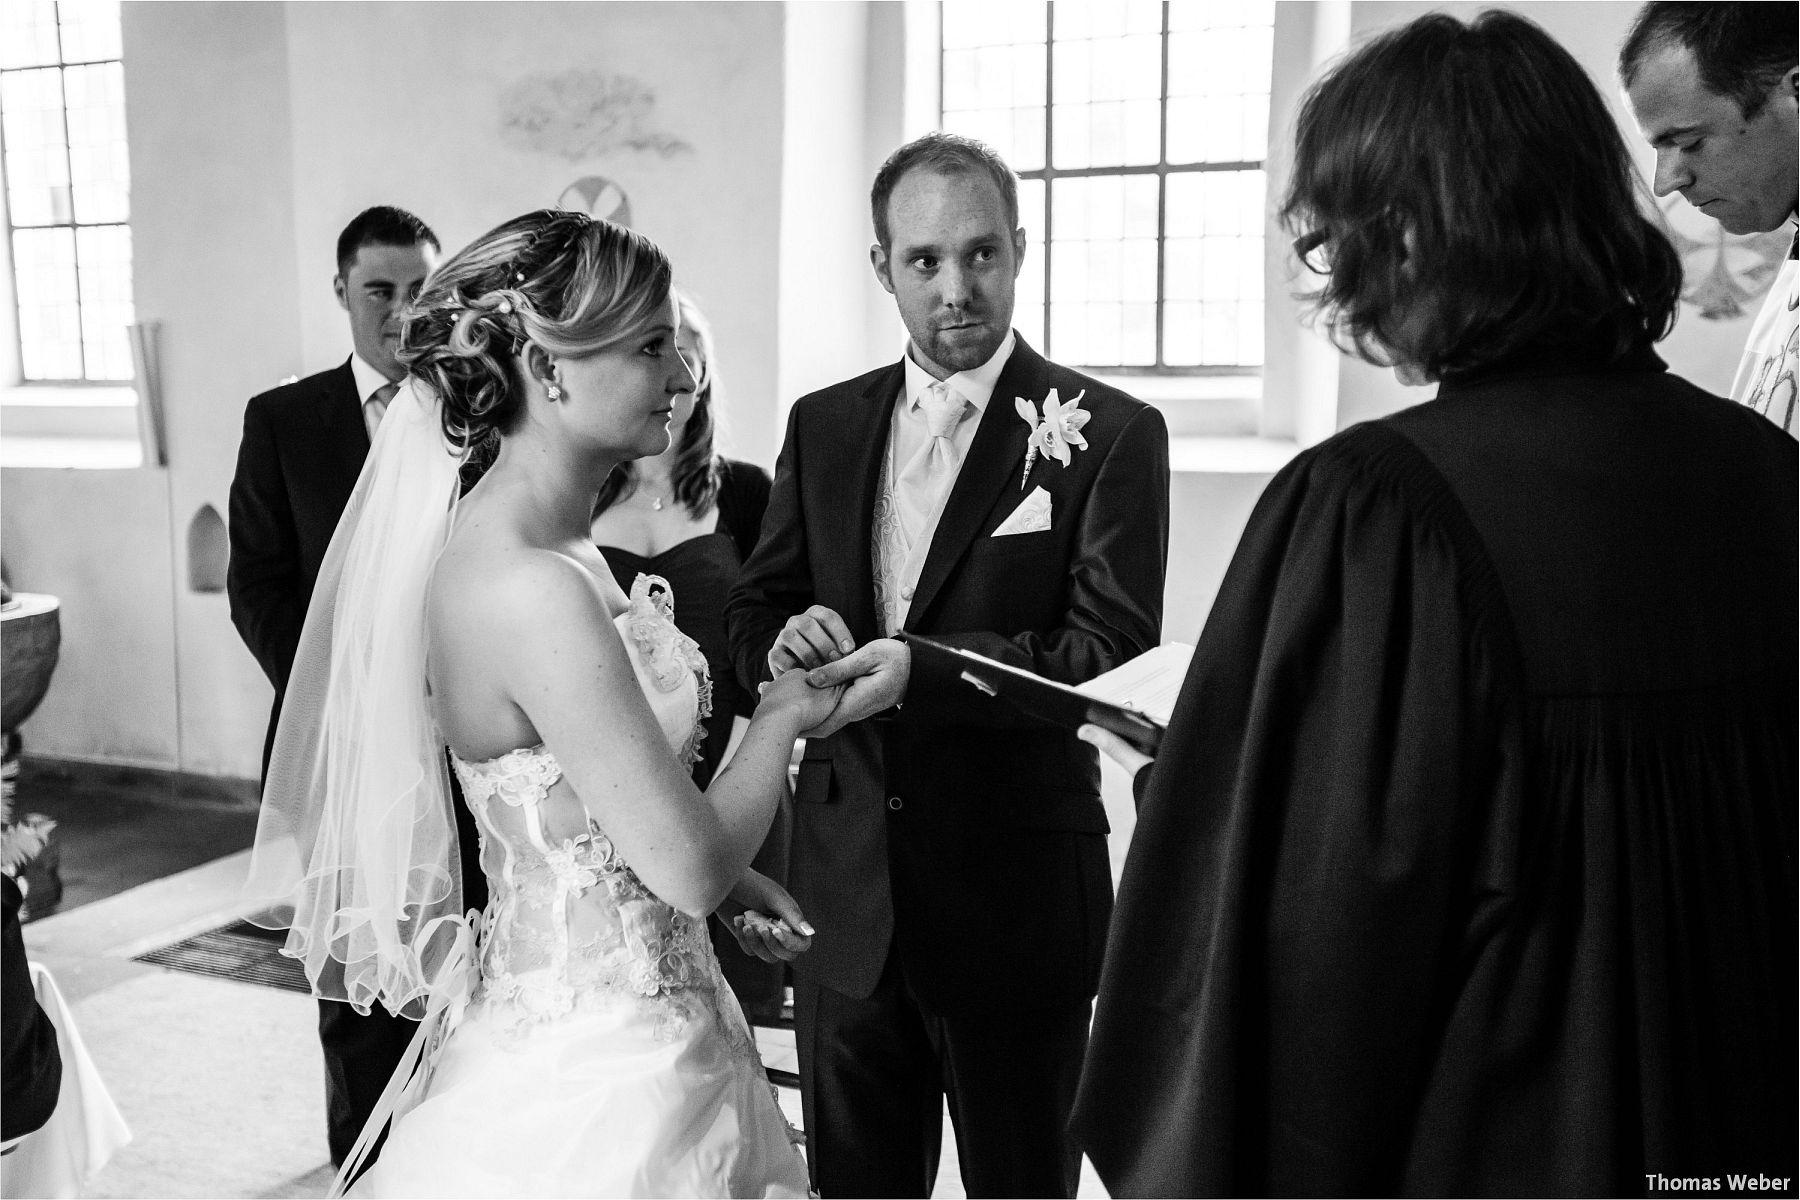 Hochzeitsfotograf Papenburg: Standesamtliche Trauung auf der Burg Kniphausen und Feier im Le Patron am Meer (42)